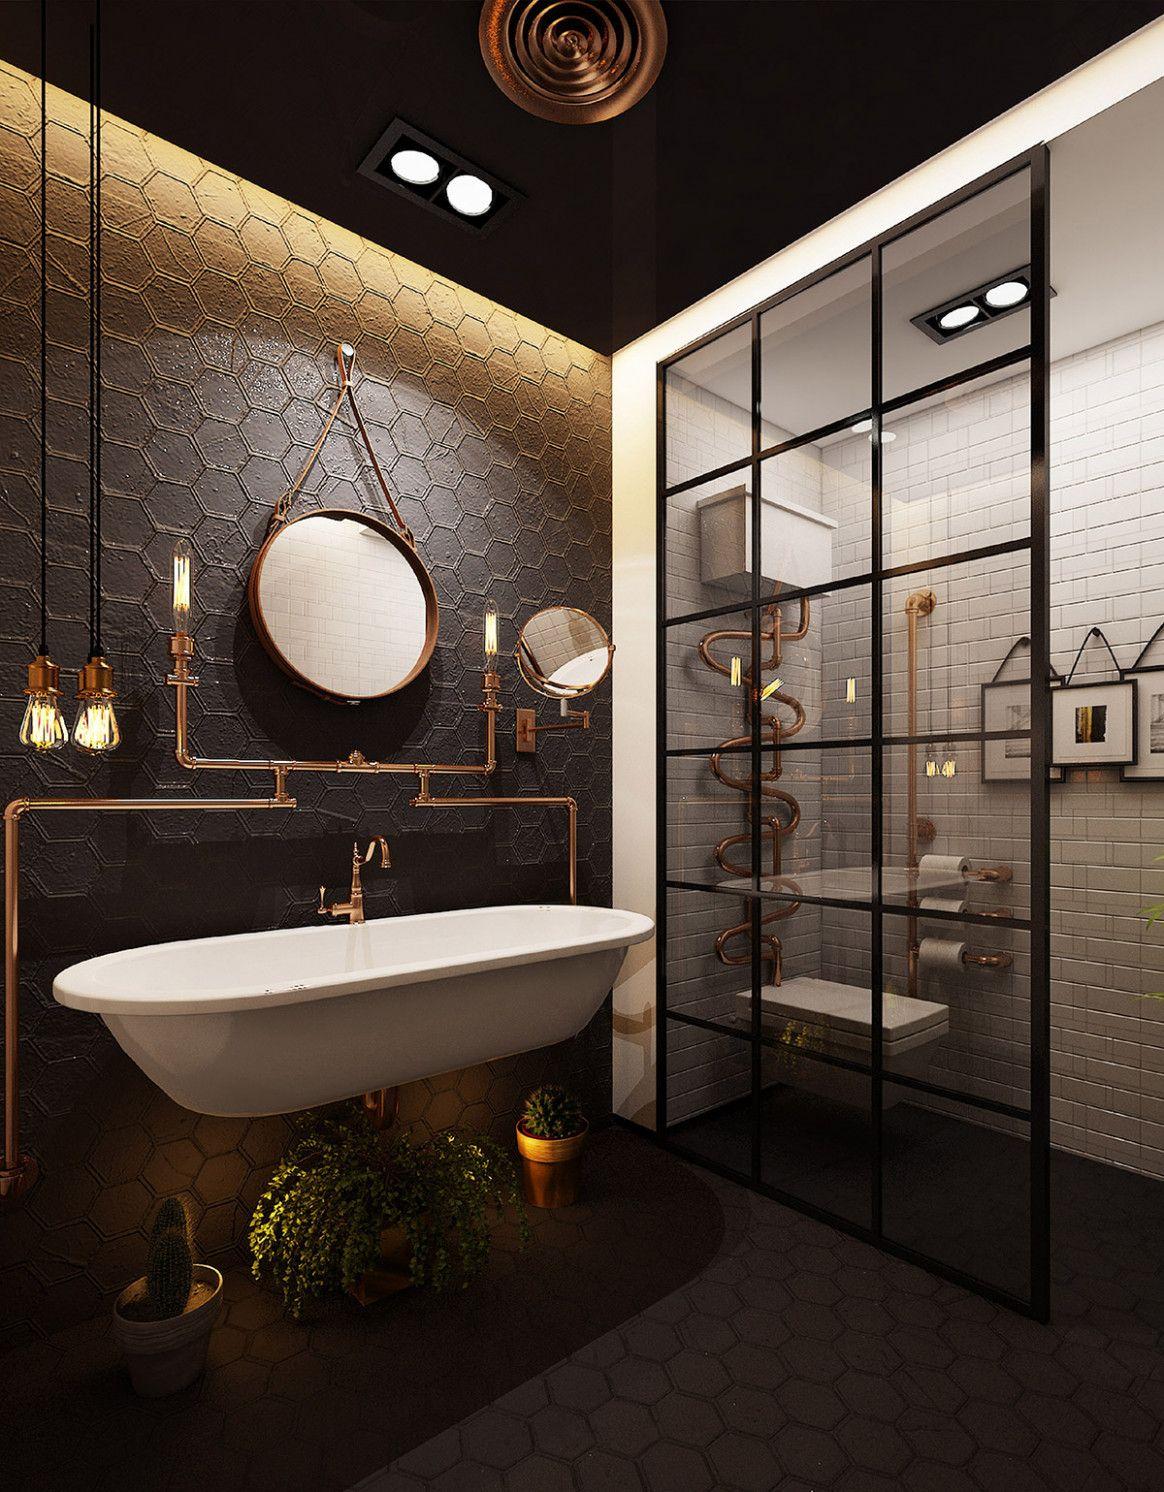 Zehn Nachteile Des Industriellen Designs Badezimmer Und Wie Sie Es Umgehen Konnen Badezim Industrial Style Bathroom Bathroom Design Inspiration Retro Bathrooms